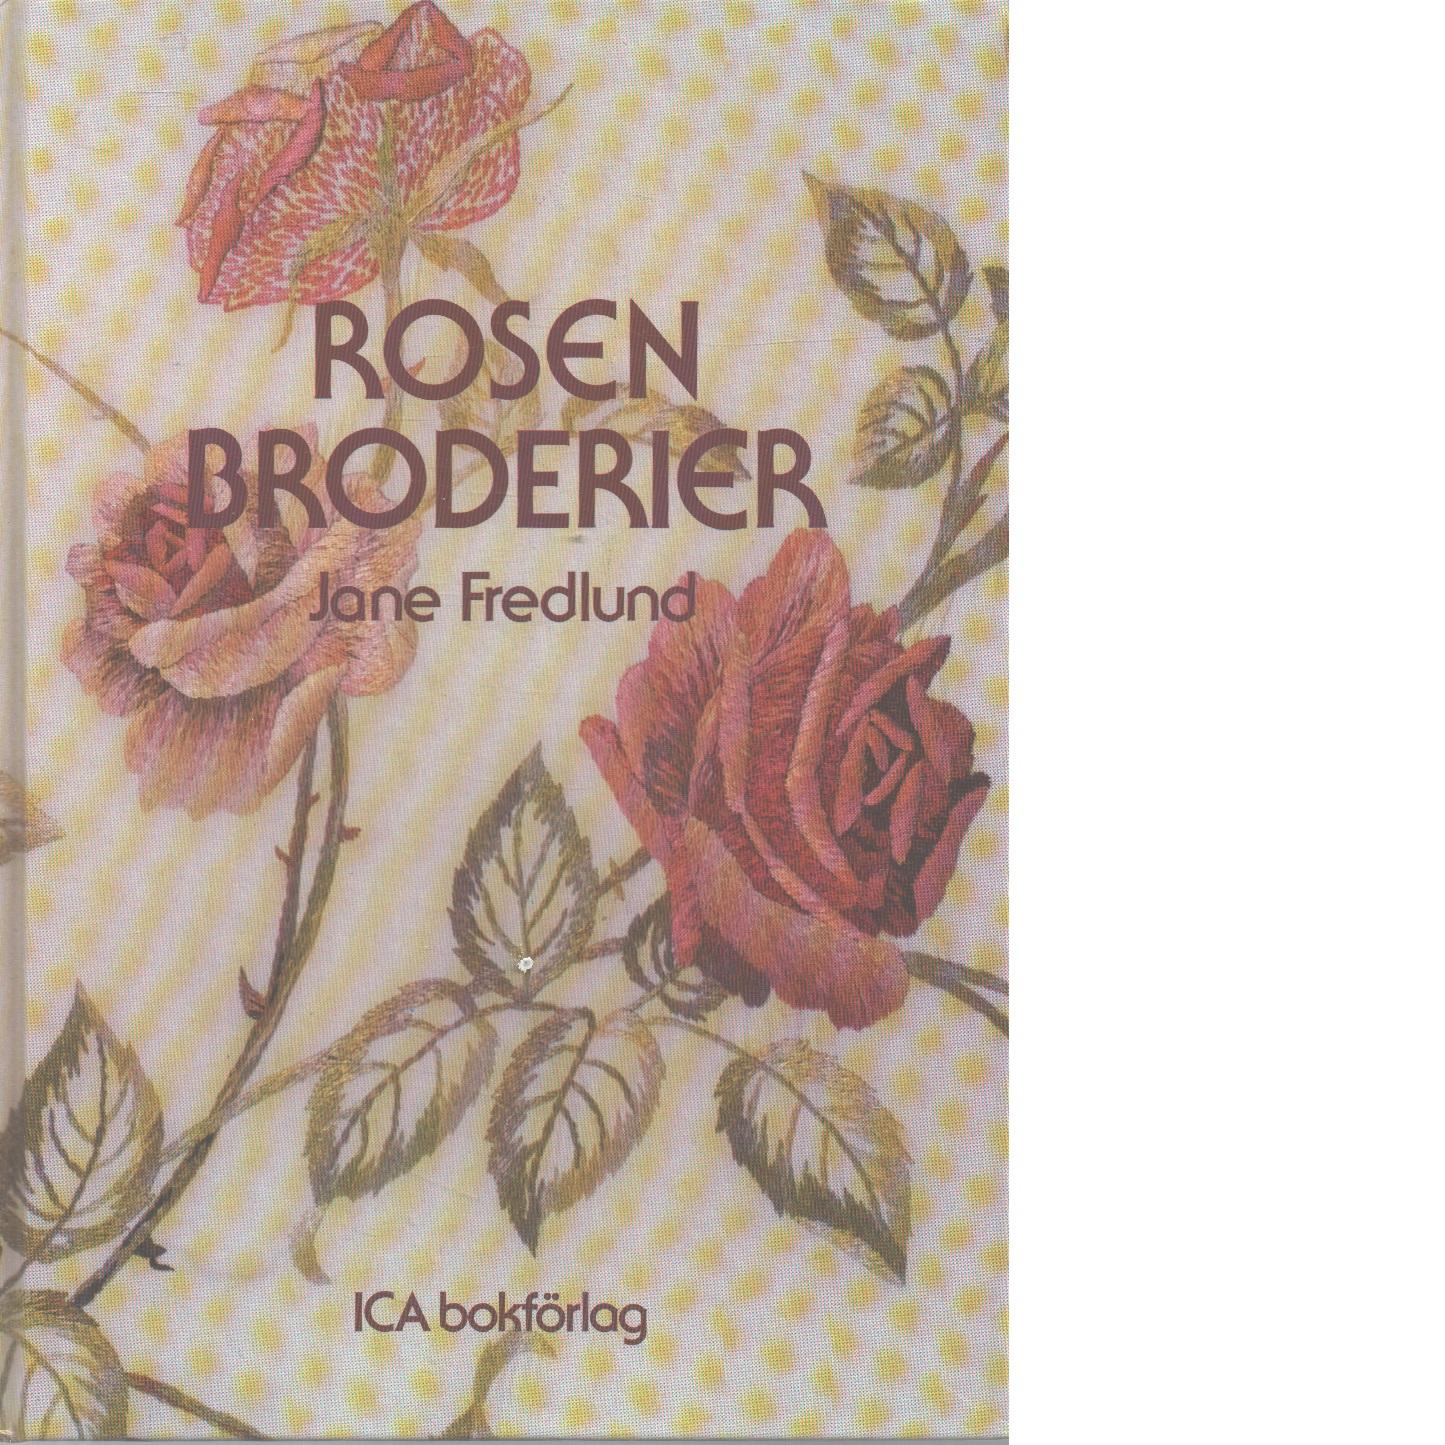 Rosenbroderier - Fredlund, Jane